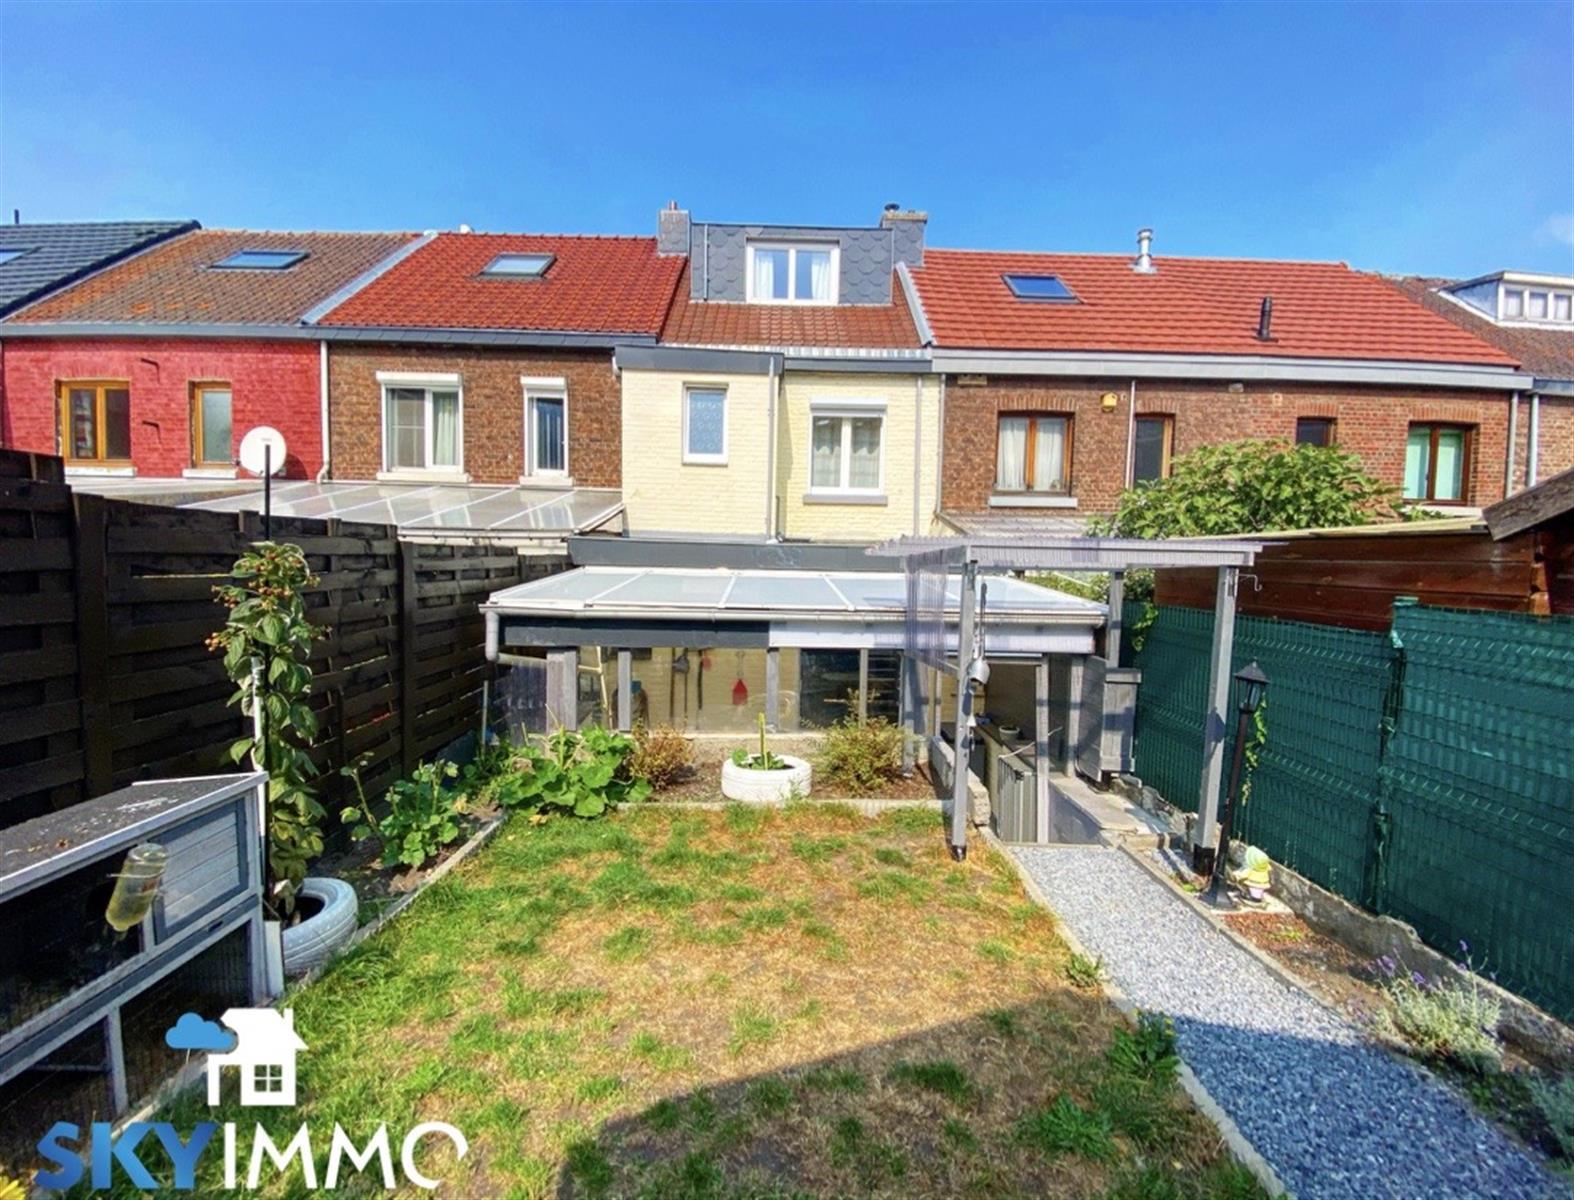 Maison - Liege - #4147640-18